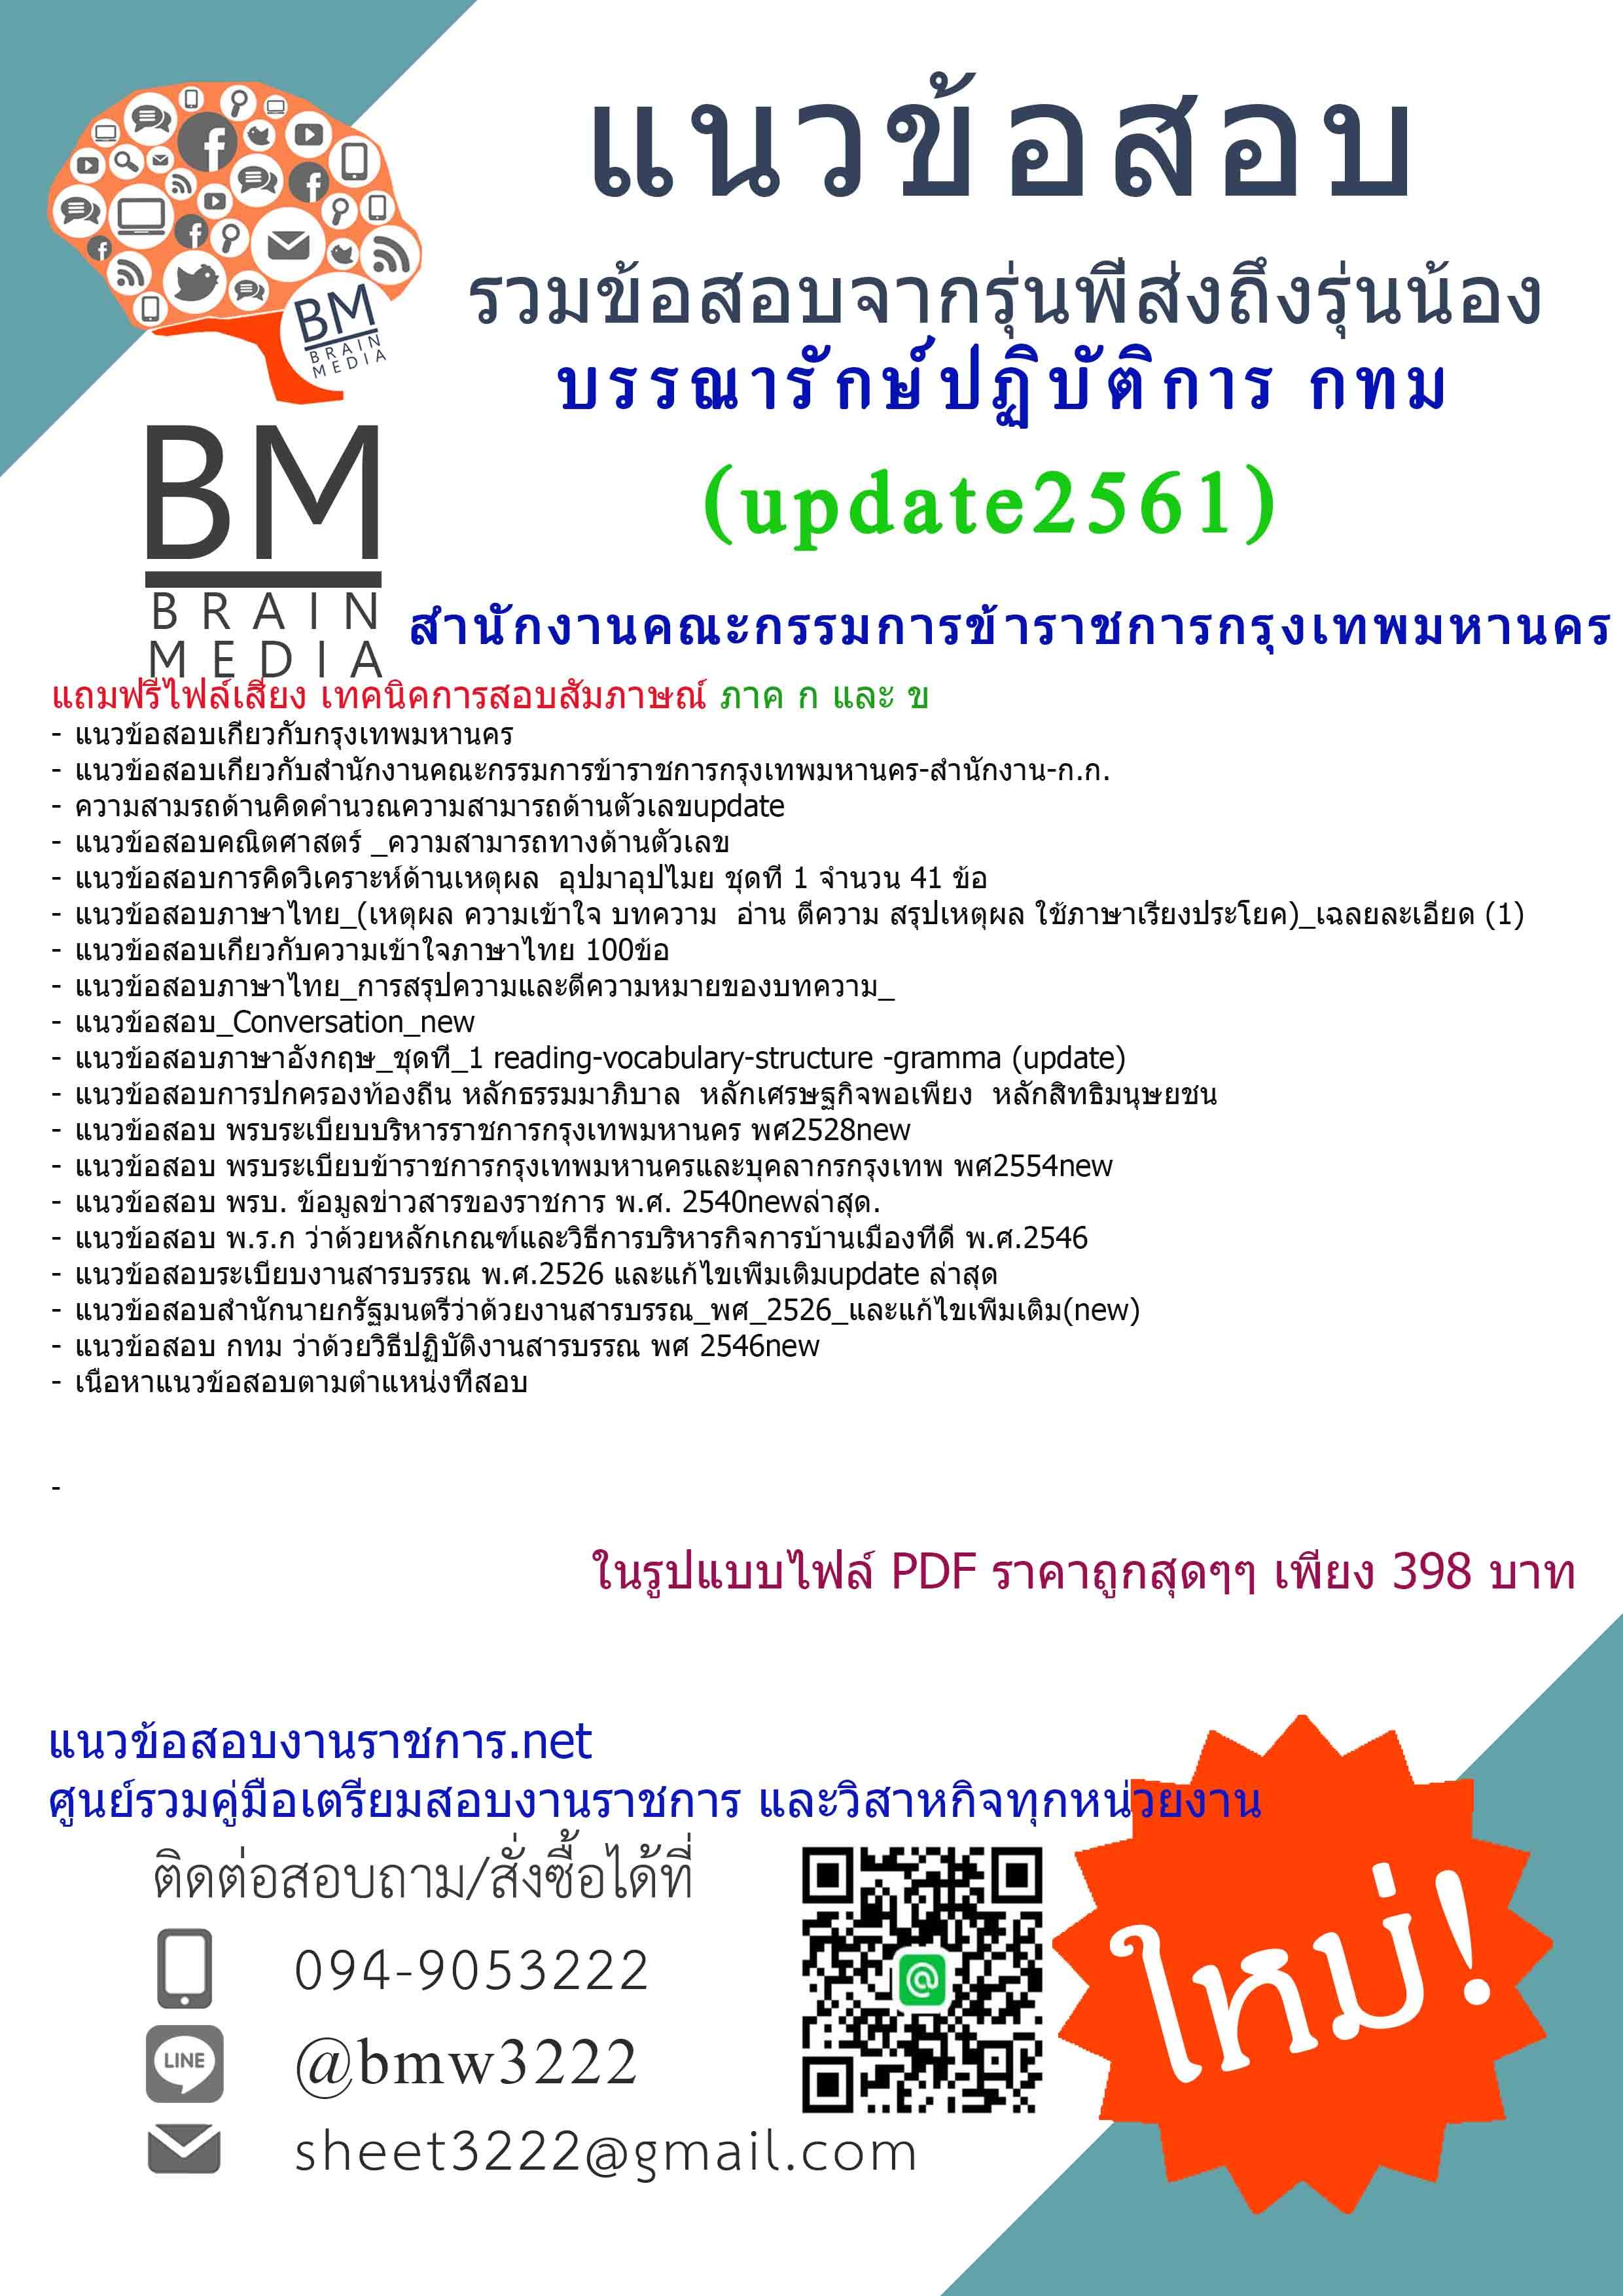 (((newupdate)))แนวข้อสอบบรรณารักษ์ปฏิบัติการข้าราชการกรุงเทพมหานคร(กทม.)สำนักงานคณะกรรมการข้าราชการกรุงเทพมหานคร(สำนักงานก.ก.)2561